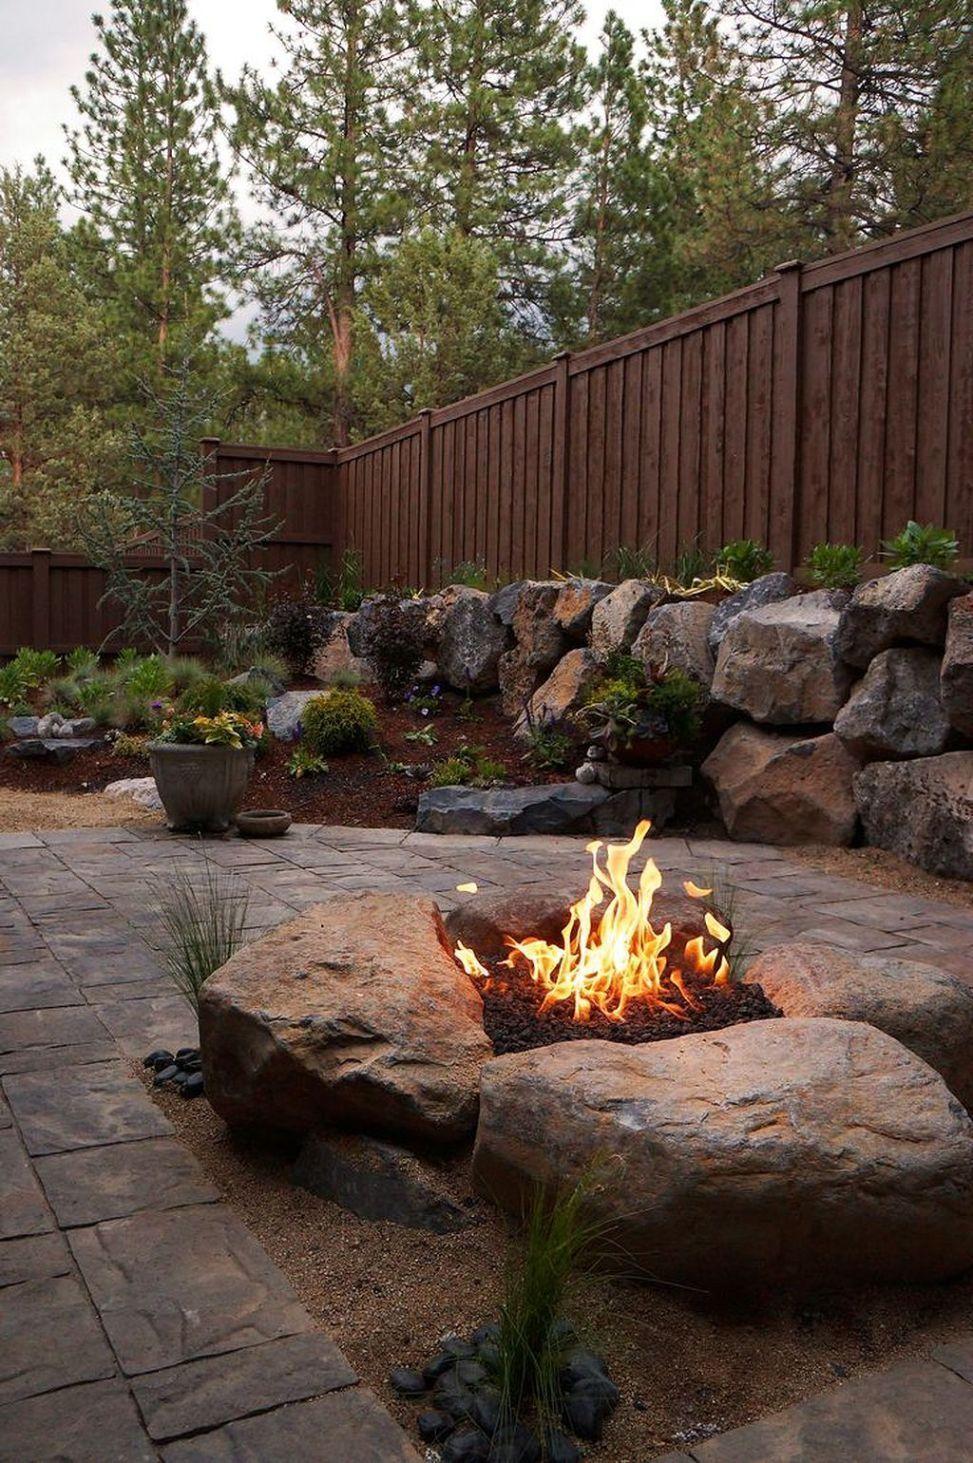 Small Square Fire Pit Backyardview Backyard Backyard Backyardview Fire Fire Pit Area Ideas Layout Pit Small Squa In 2020 Cheap Fire Pit Backyard Backyard Fire Backyard diy square fire pit